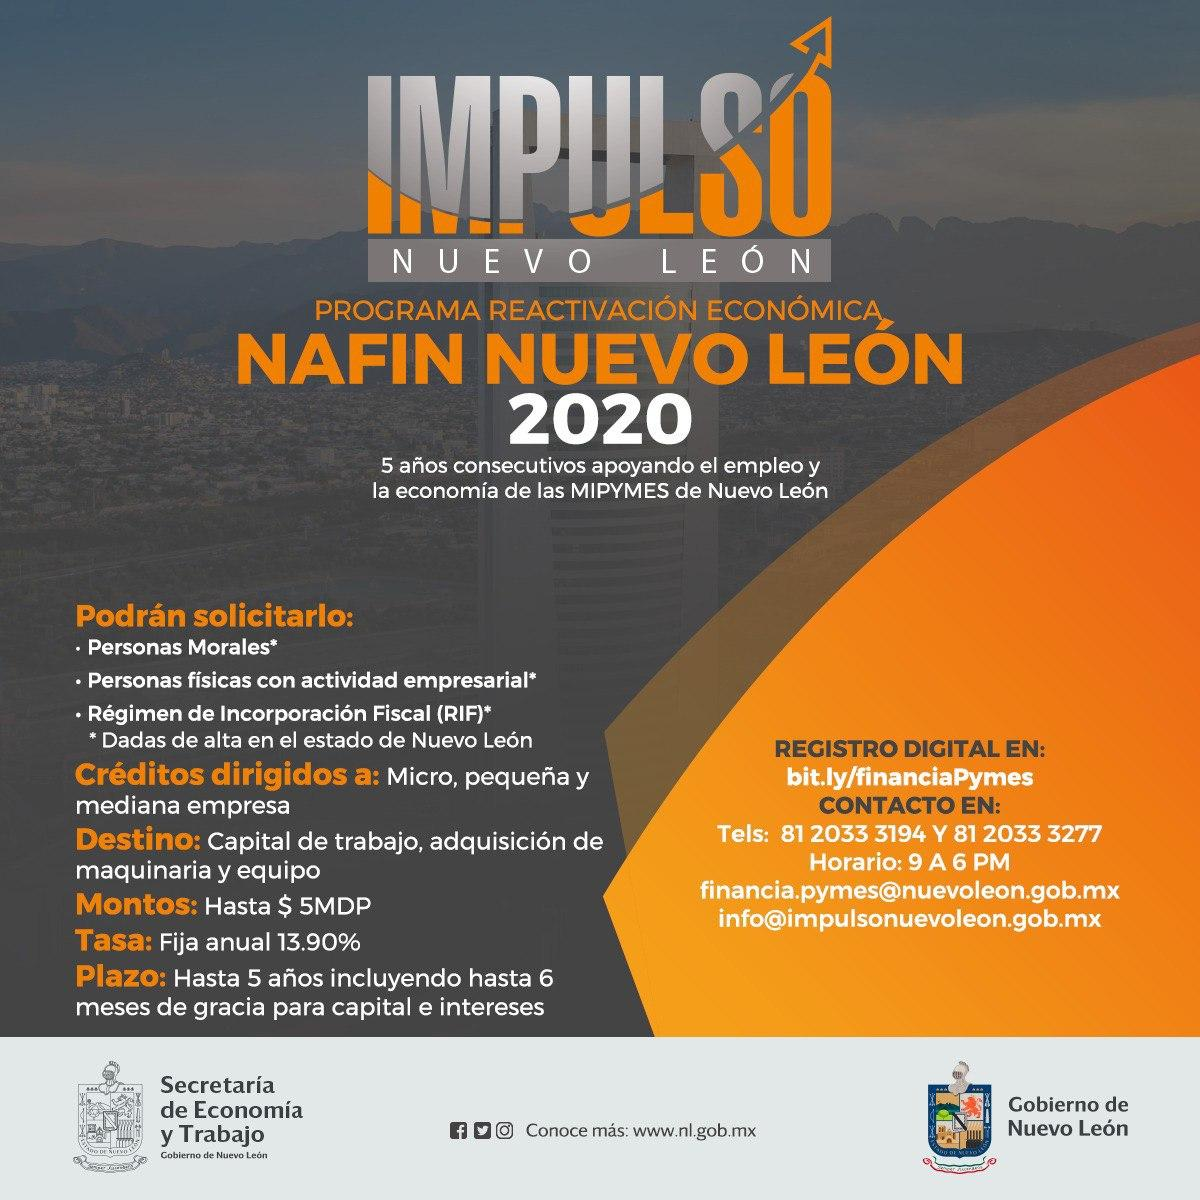 PyMES en esta contingencia, ponemos a tu disposición nuestro programa Impulso Nuevo León